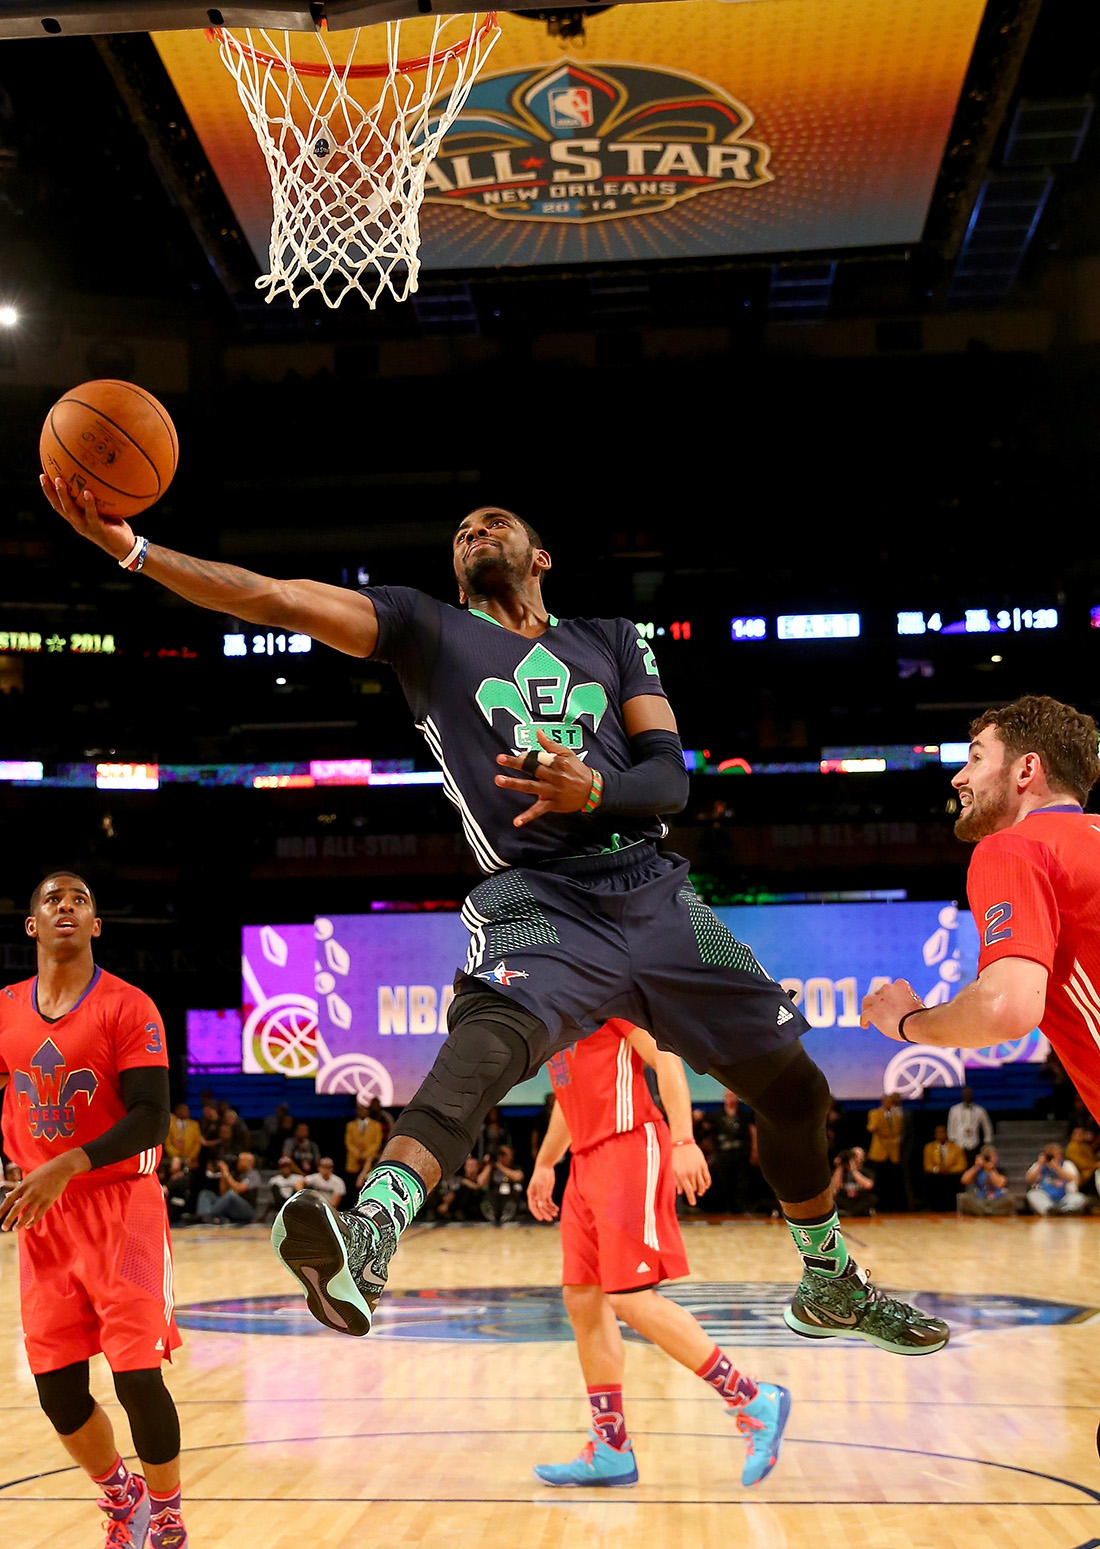 Kyrie Irving en ALL STAR game en viva basquet